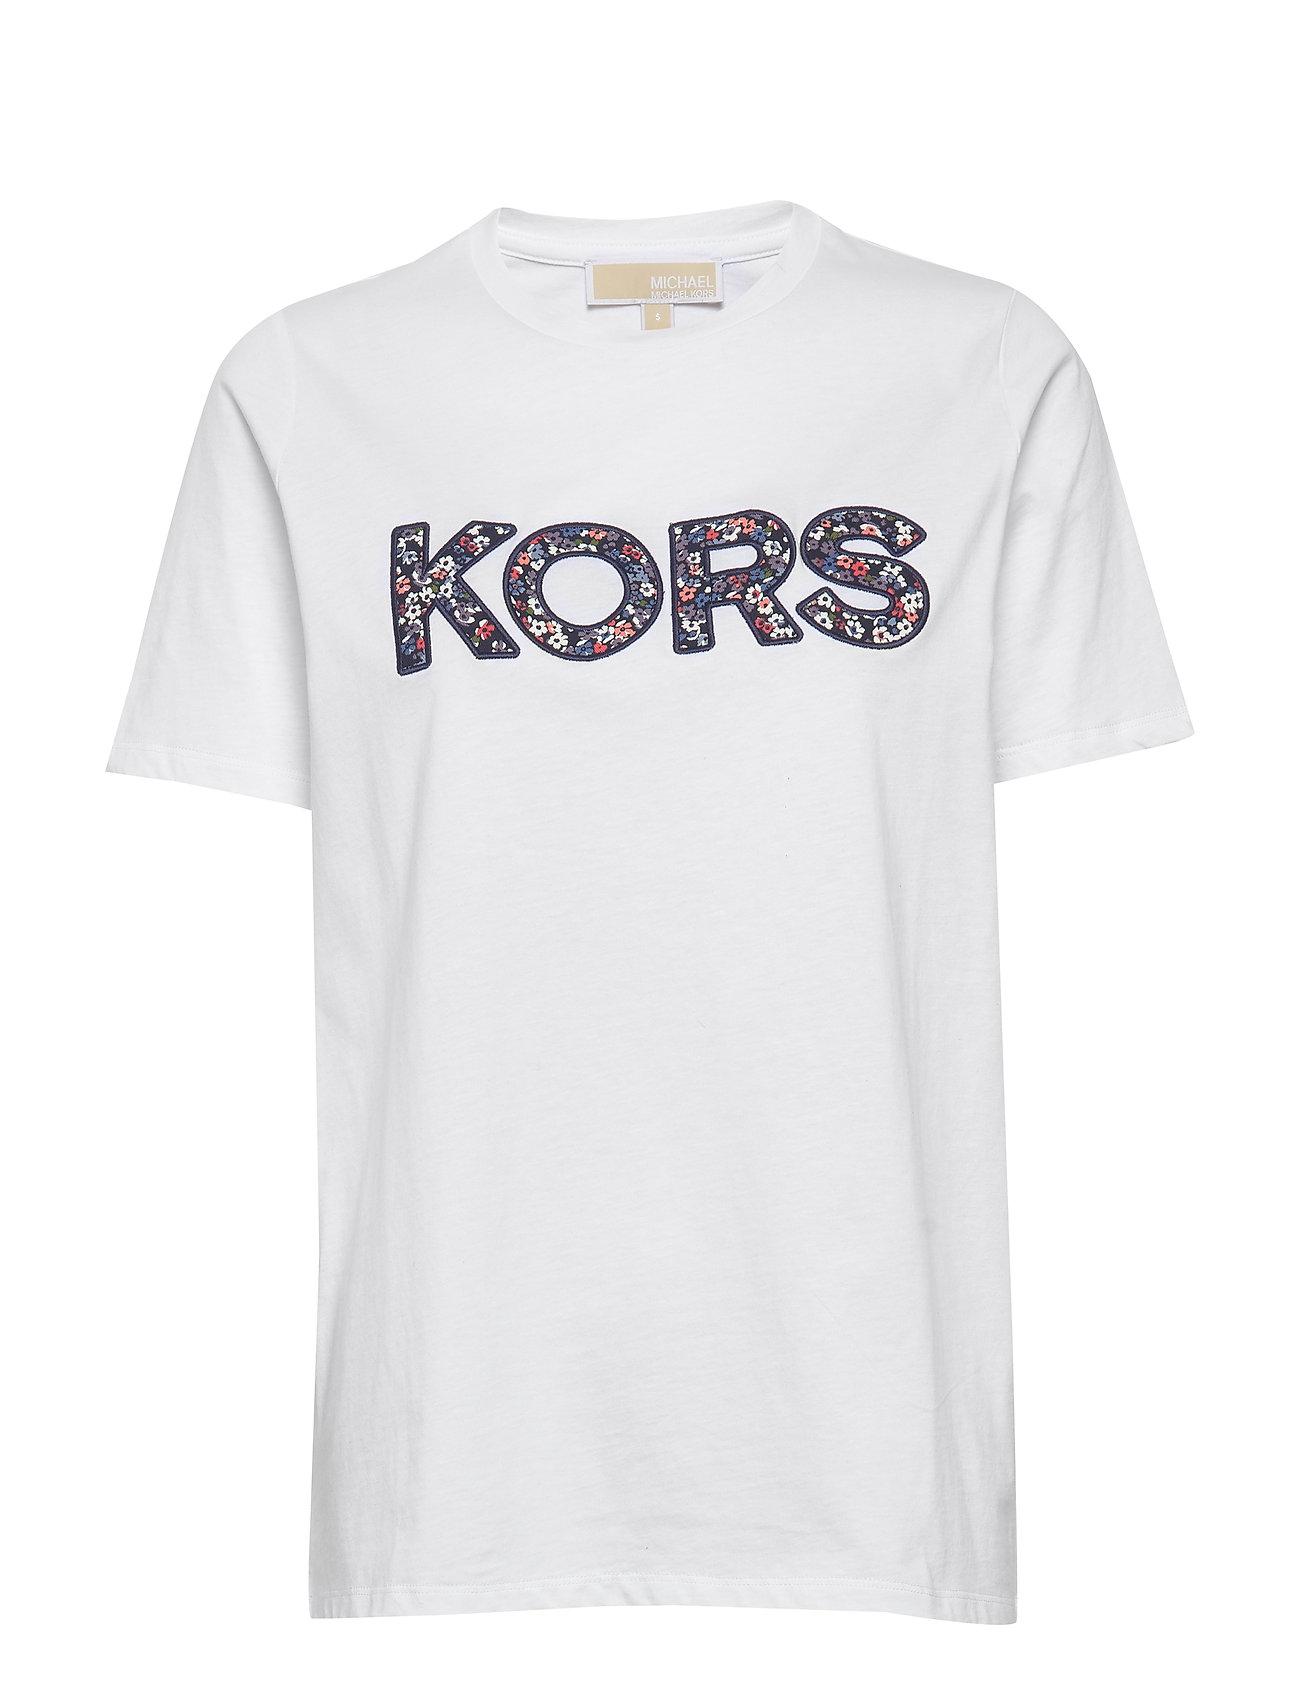 Michael Kors KORS LOGO T-SHIRT - WHITE